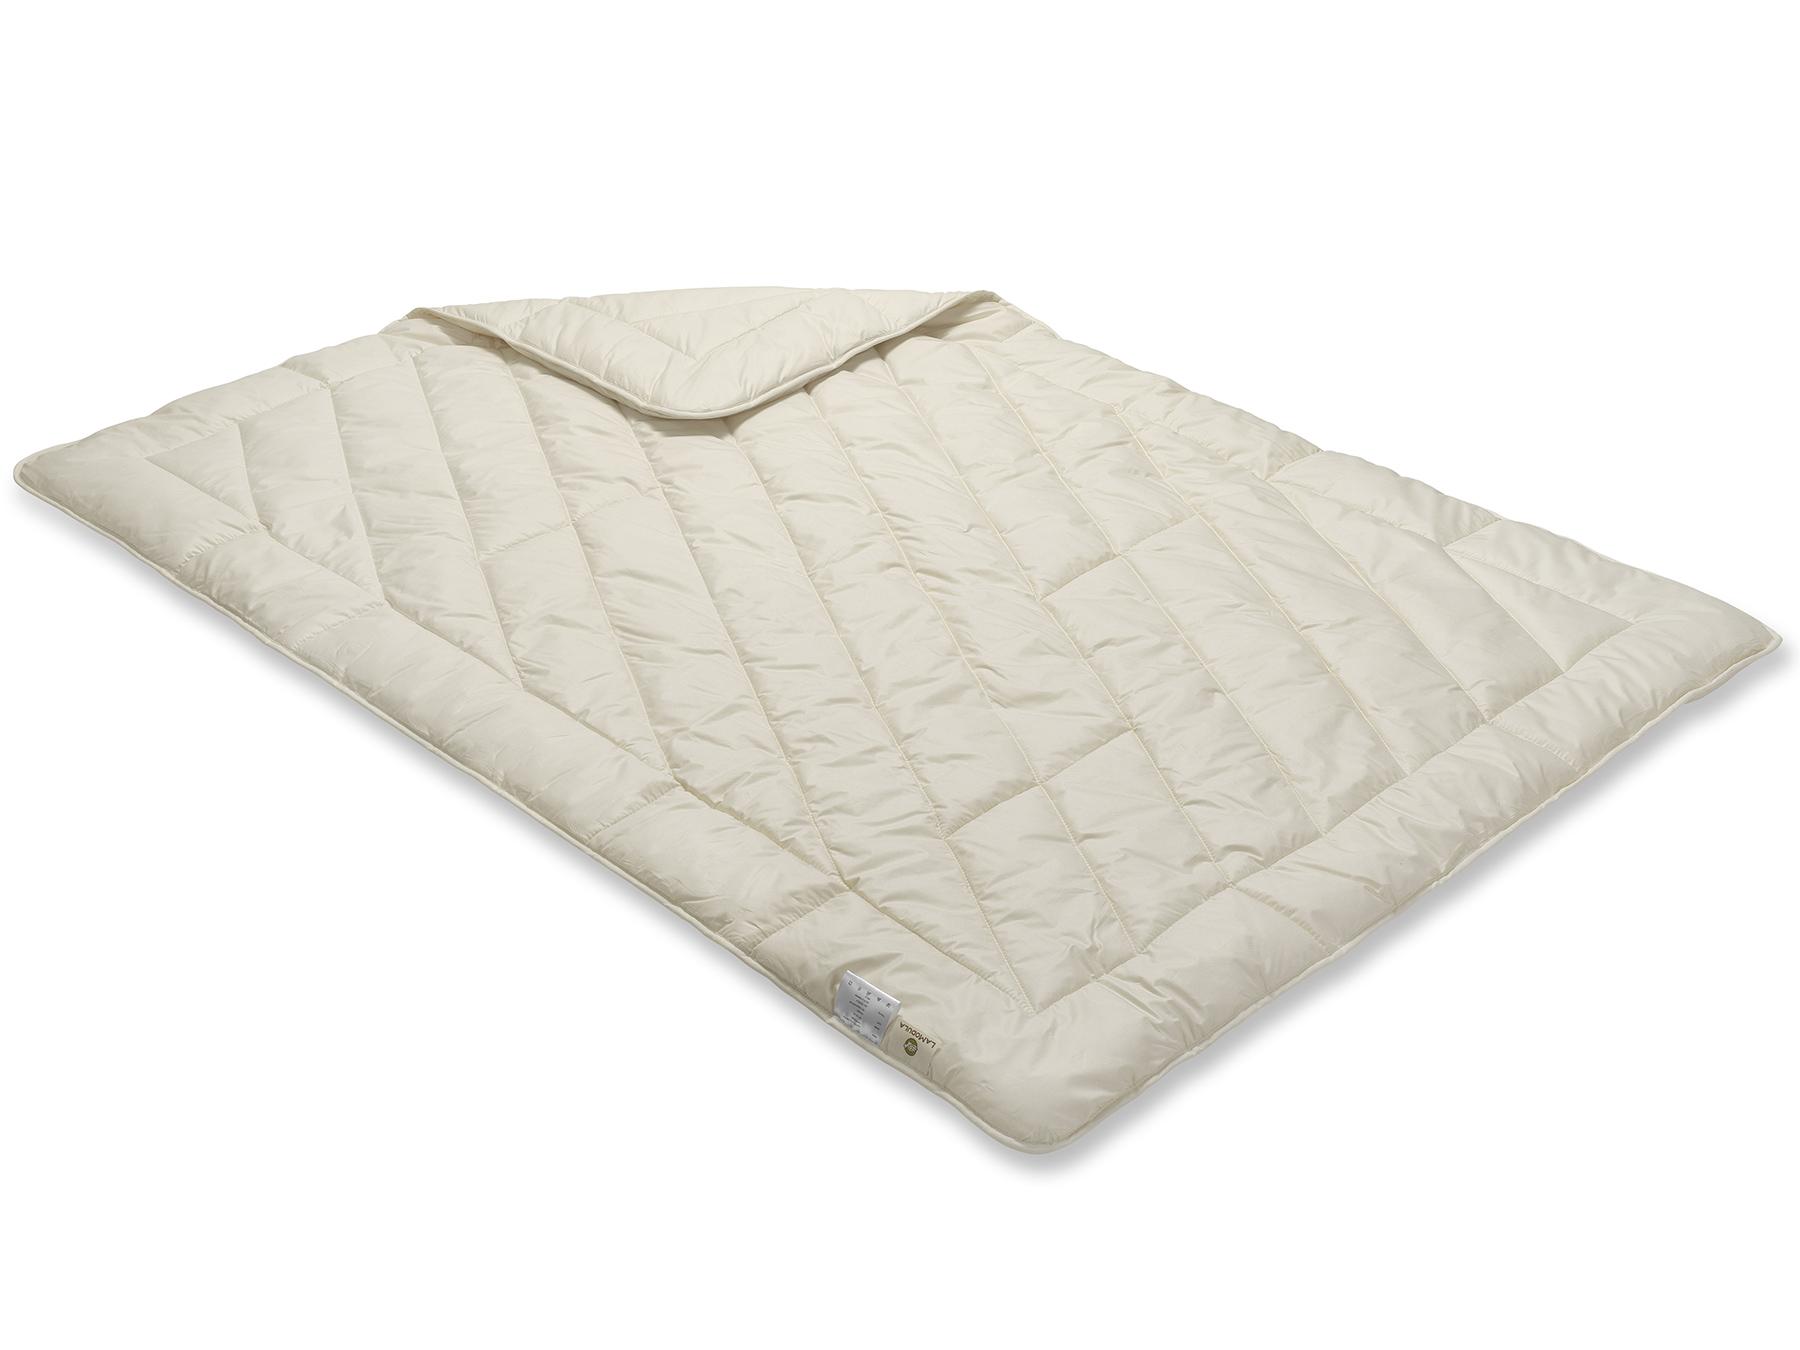 Die Decke schimmert wegen des weißen Füllstoffes cremig und wird sorgfältig mit der Einnadeltechnik hergestellt.